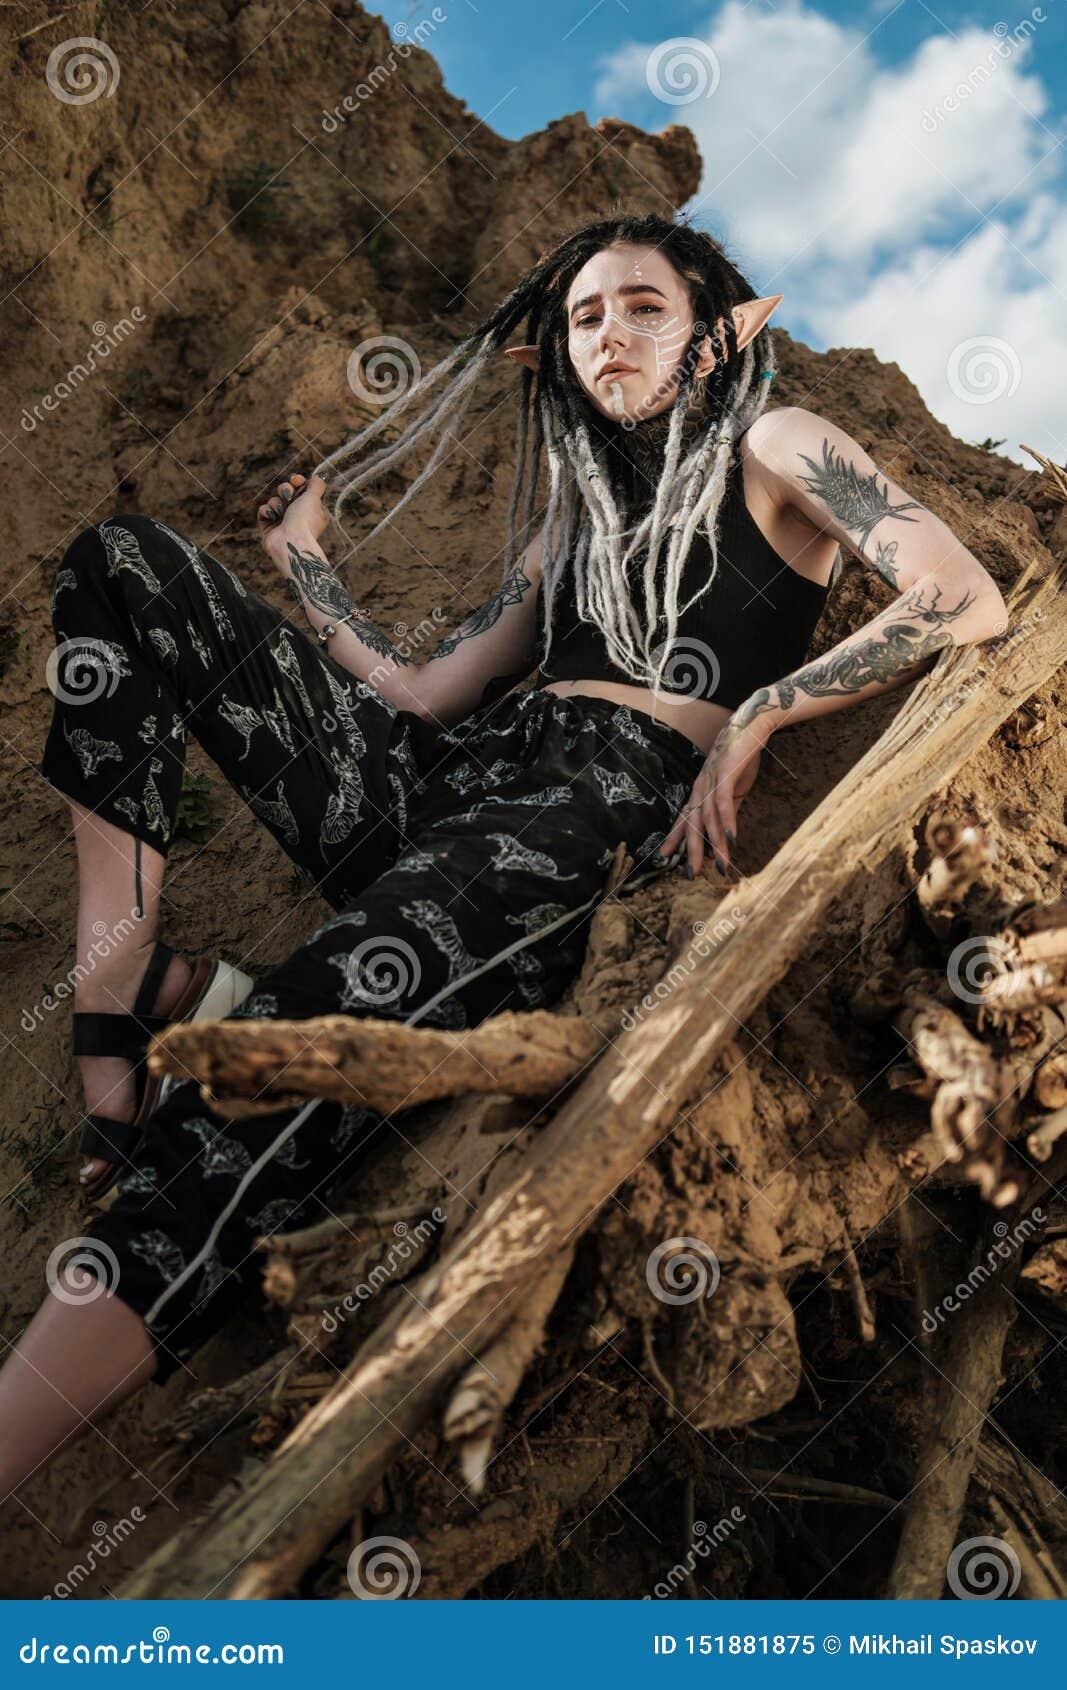 Όμορφη προκλητική γυναίκα στο μαύρο εσώρουχο Το σώμα καλύπτεται με πολλές δερματοστιξίες Dreadlocks στο κεφάλι Τοποθέτηση ενάντια